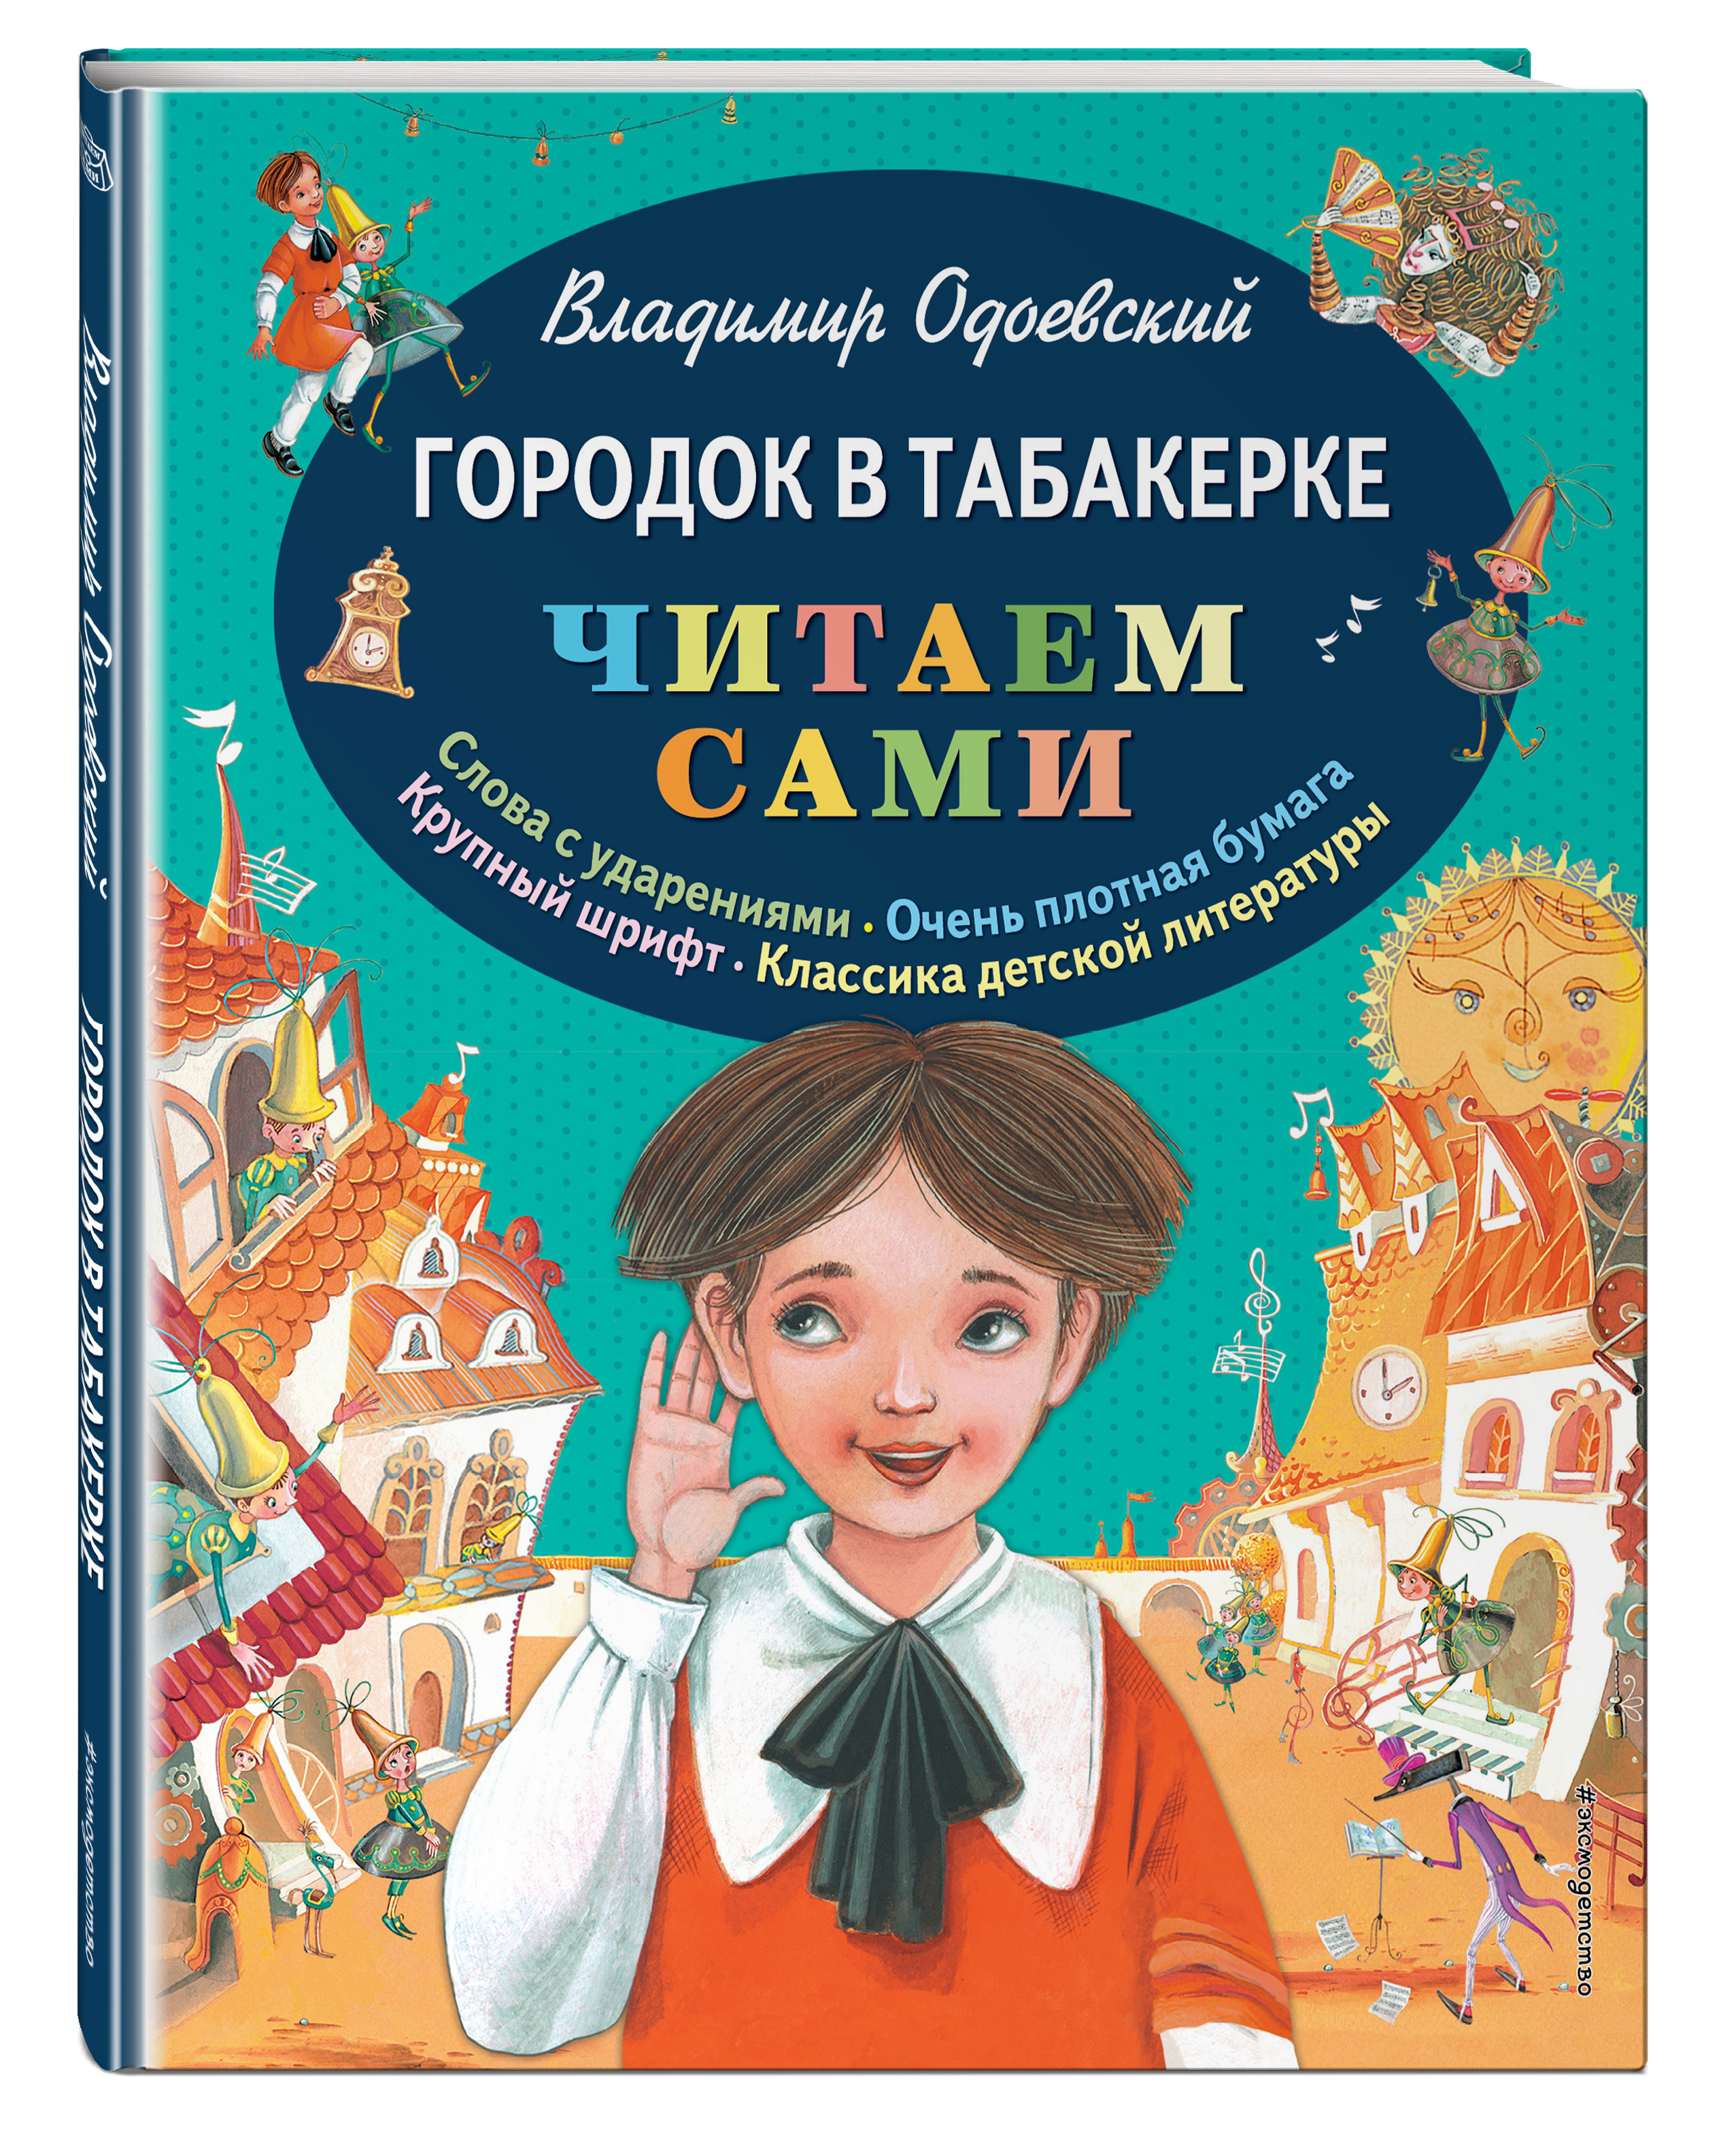 Одоевский В.Ф. Городок в табакерке книги издательство аст городок в табакерке